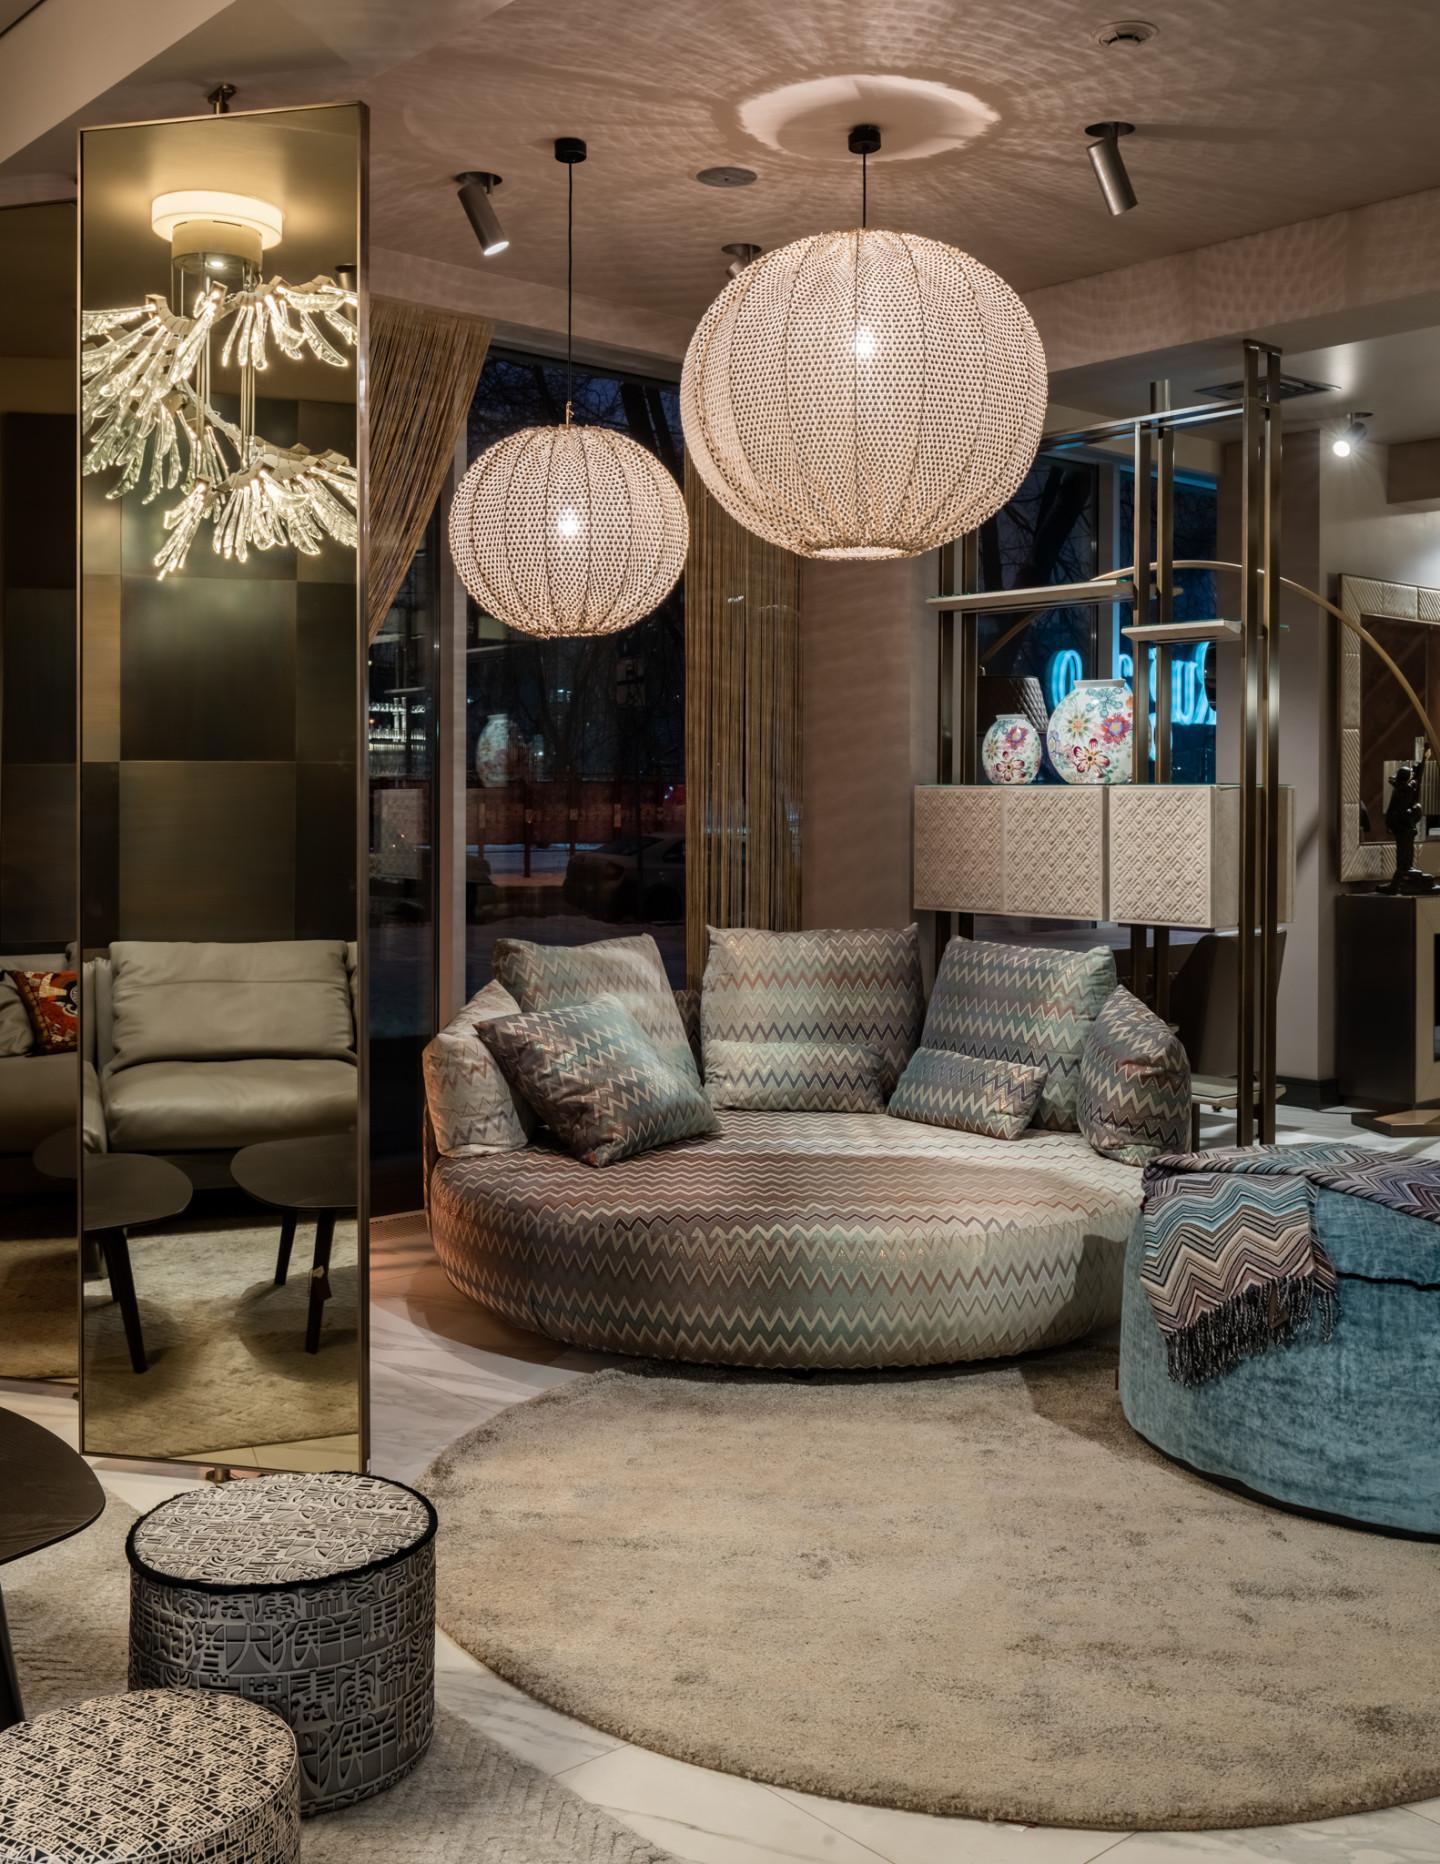 Диван, пуфы, ковры, лампы от MissoniHome в галерее Mobillissimi